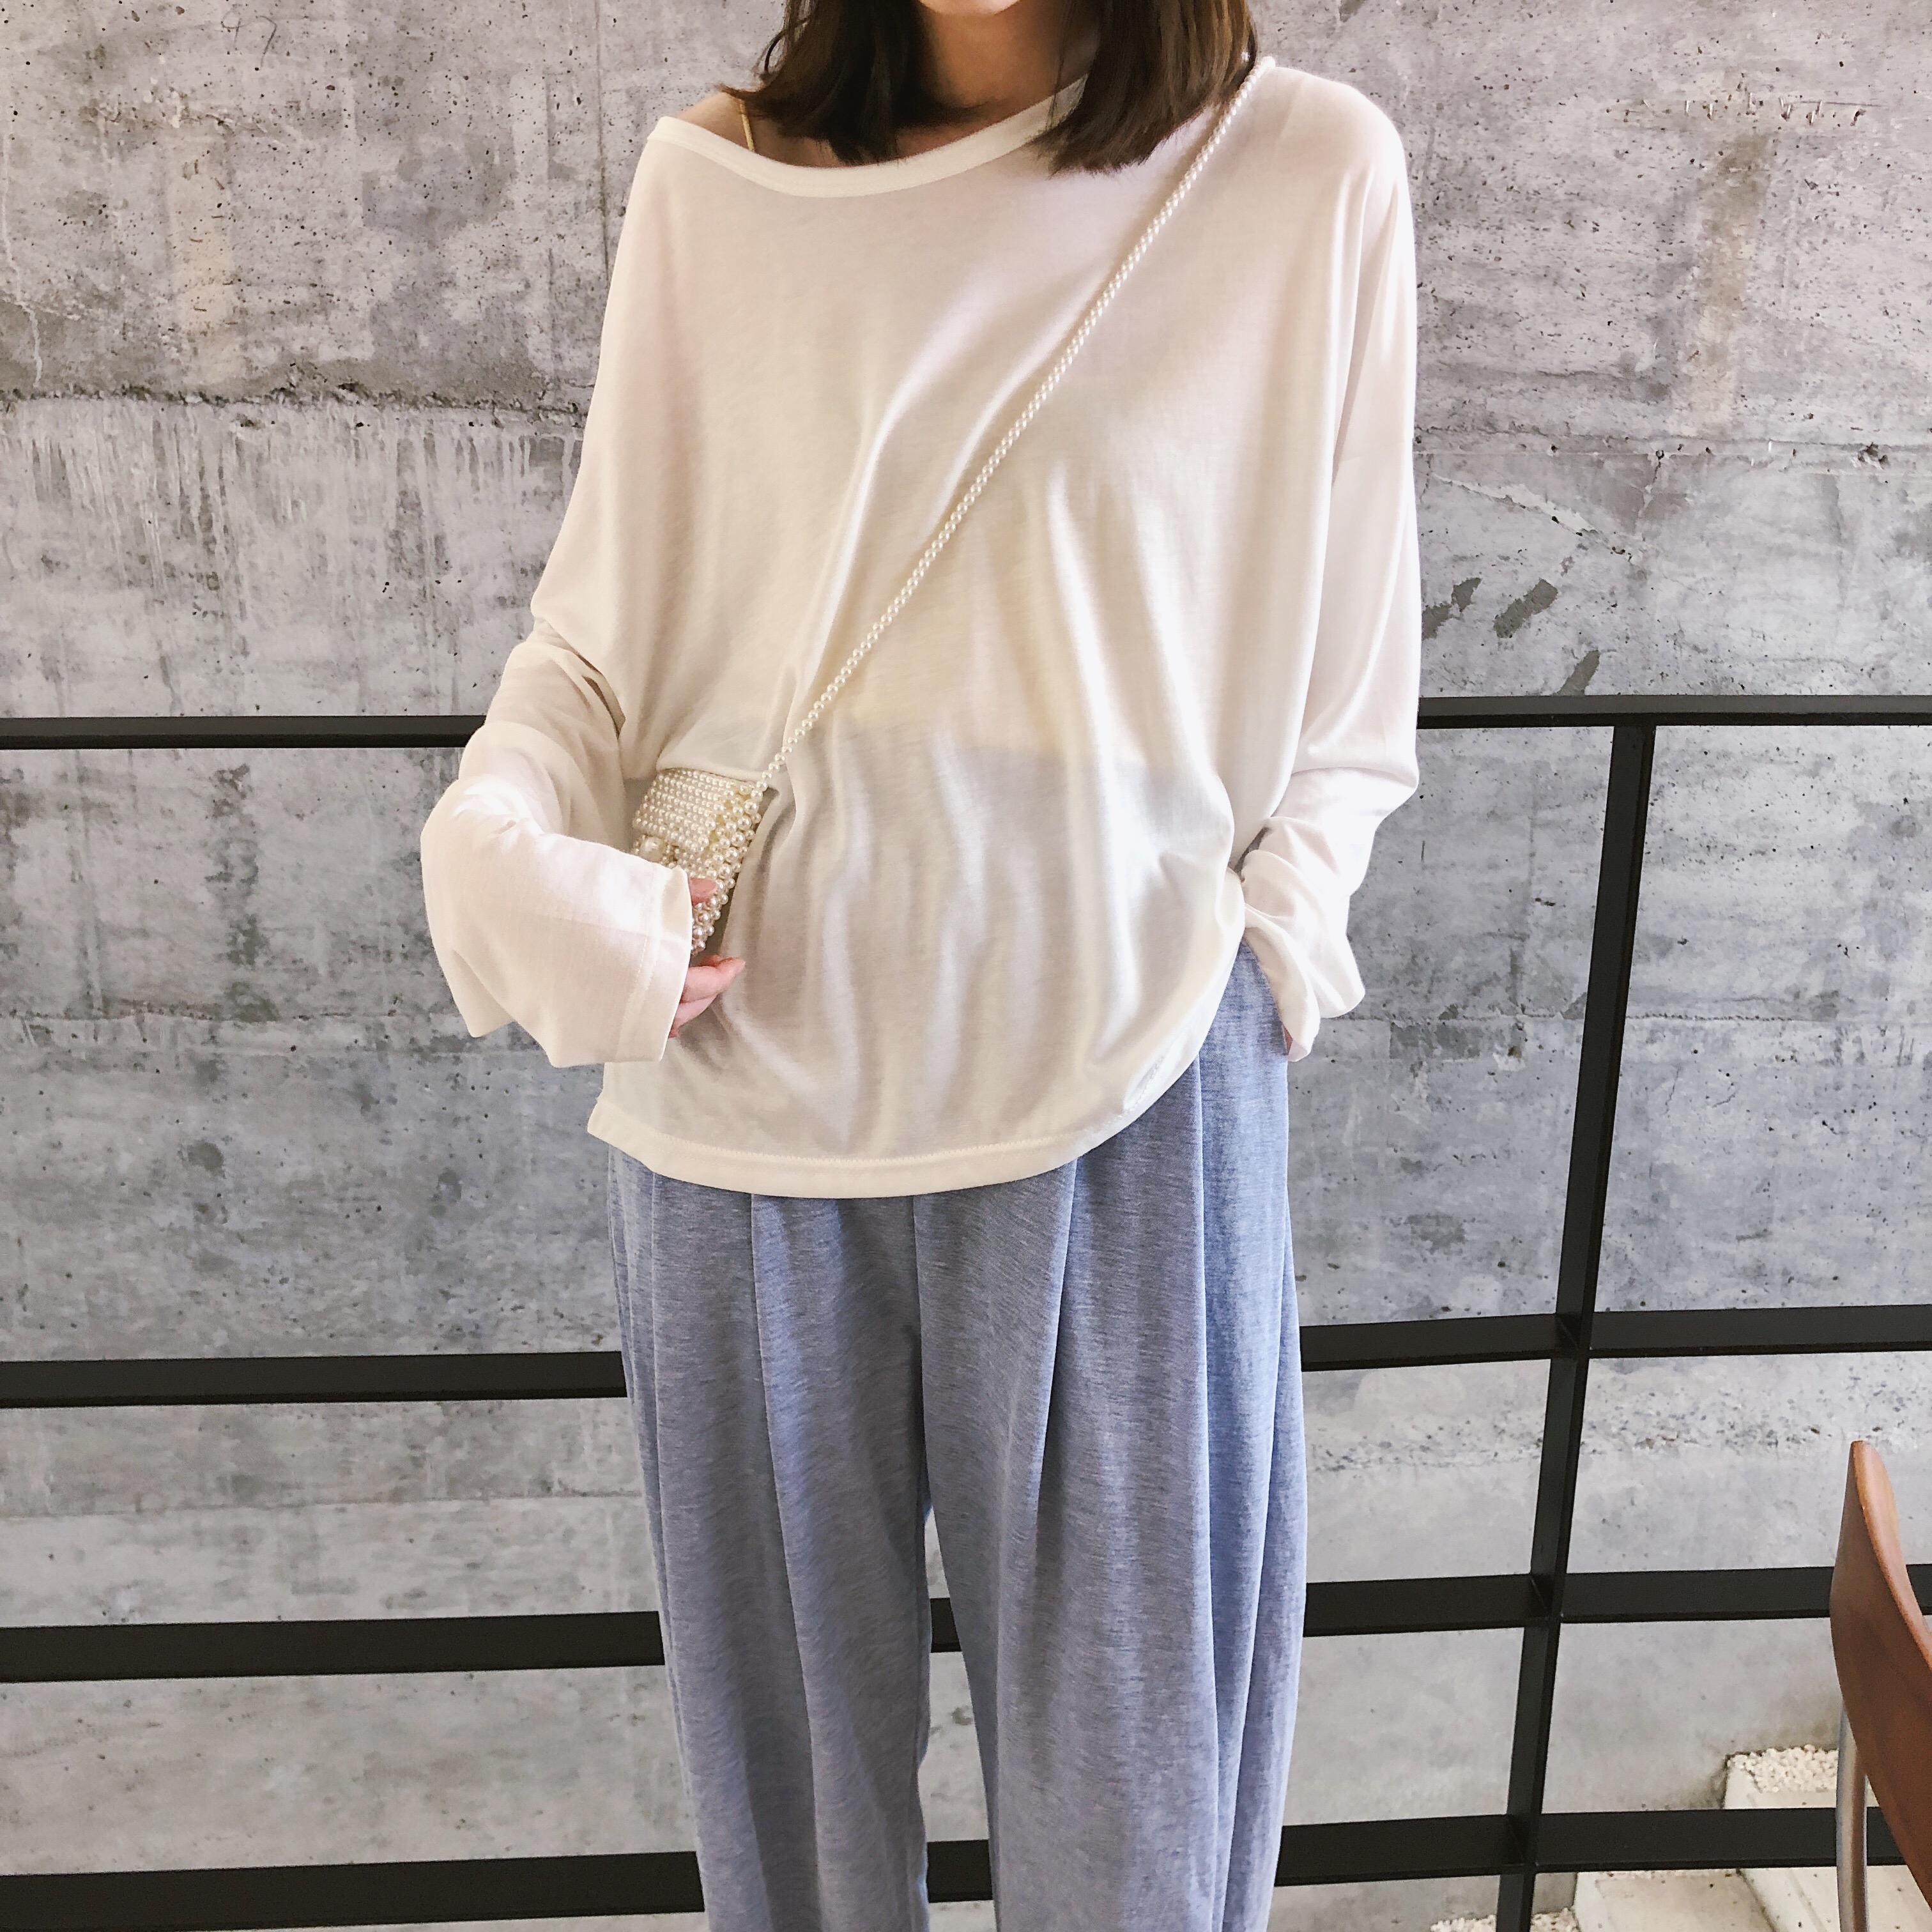 苏安家 夏天穿超舒服面膜般的丝滑感轻薄半透长袖T恤半透防晒衫